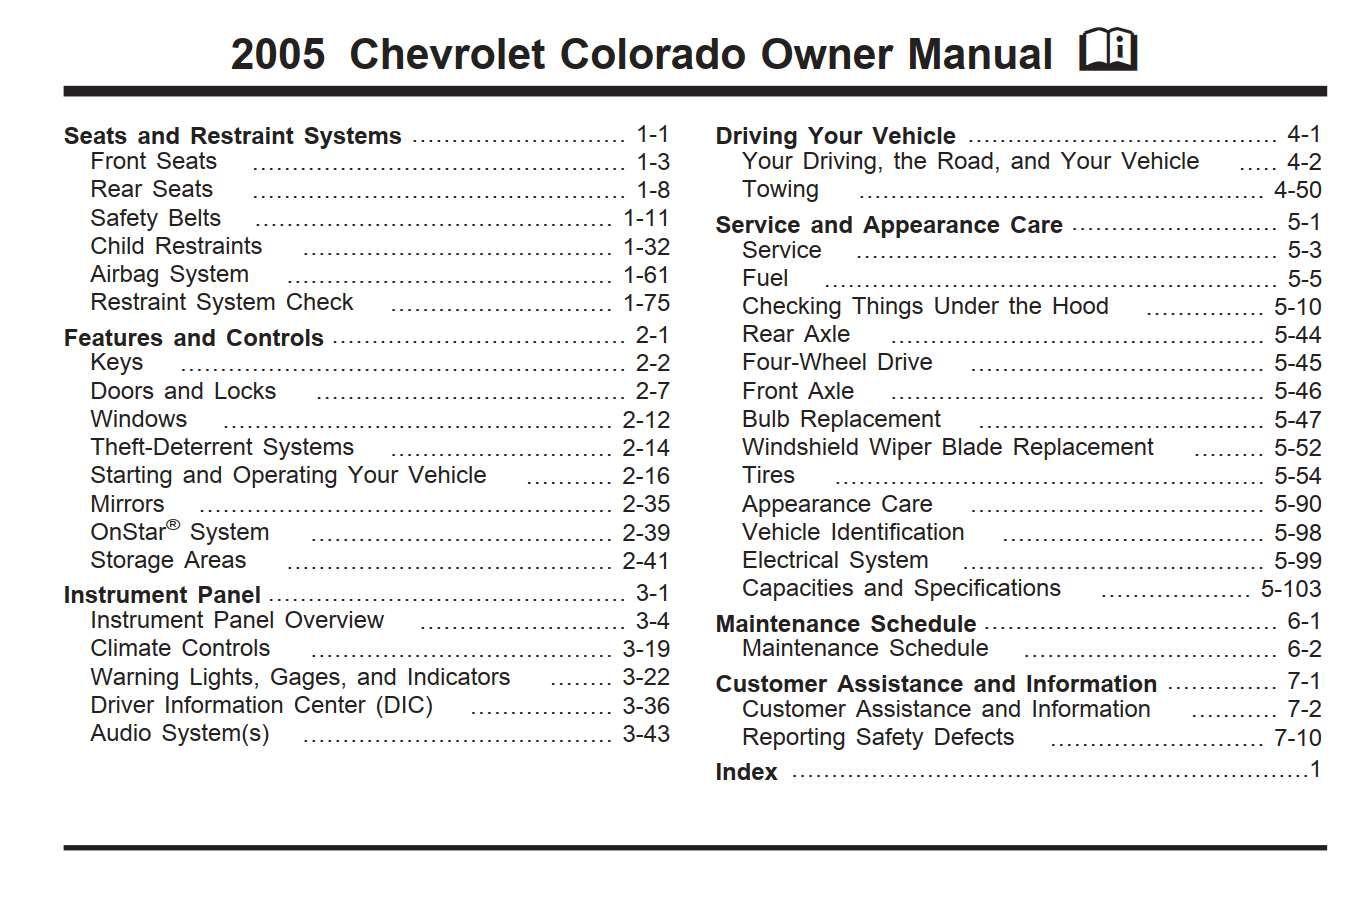 Chevrolet Colorado 2005 Owner S Manual Has Been Published On Procarmanuals Com Https Procarmanuals Chevrolet Colorado Chevrolet Colorado 2005 Owners Manuals